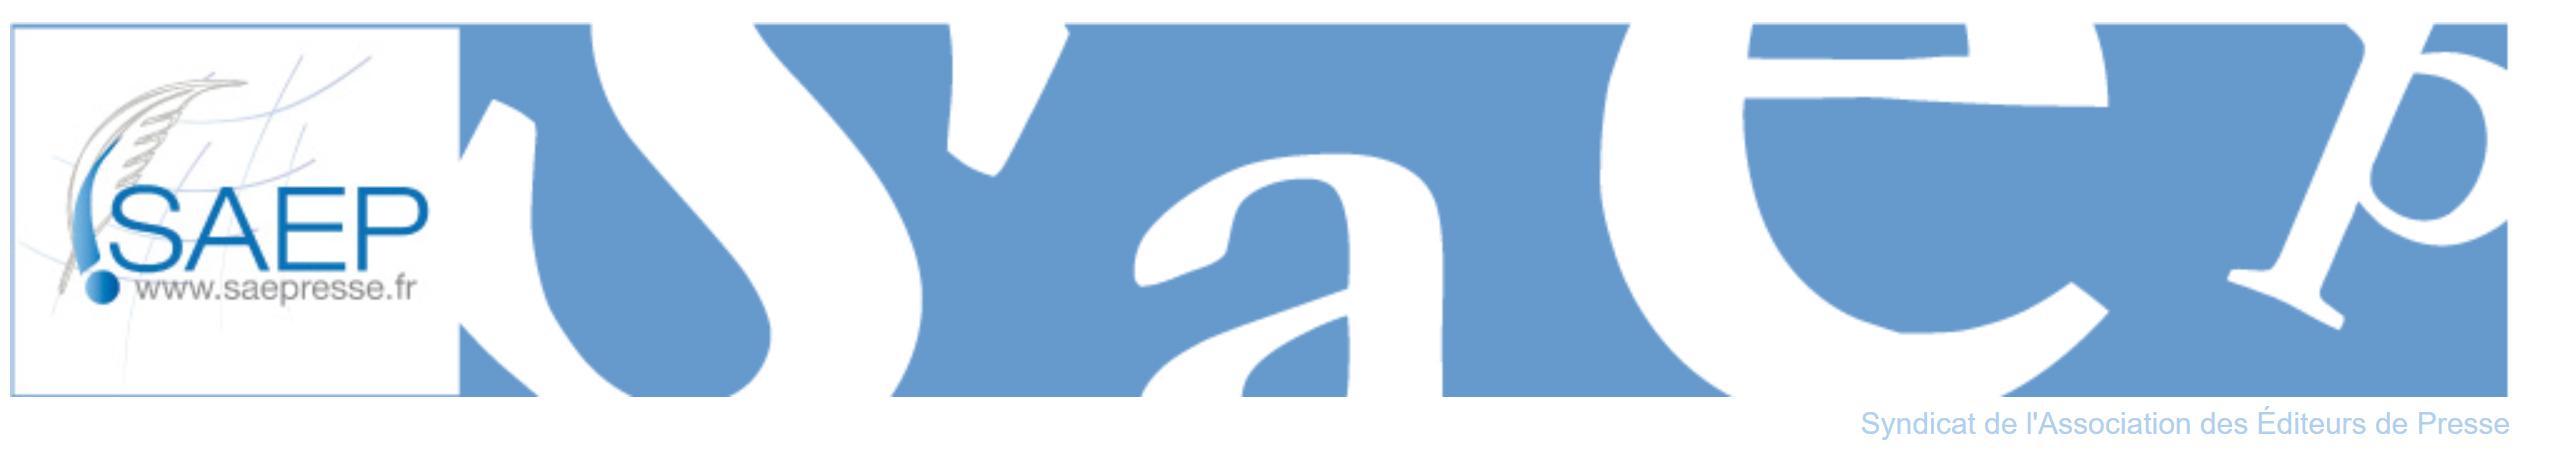 Syndicat de l'Association des Editeurs de Presse française - SAEP